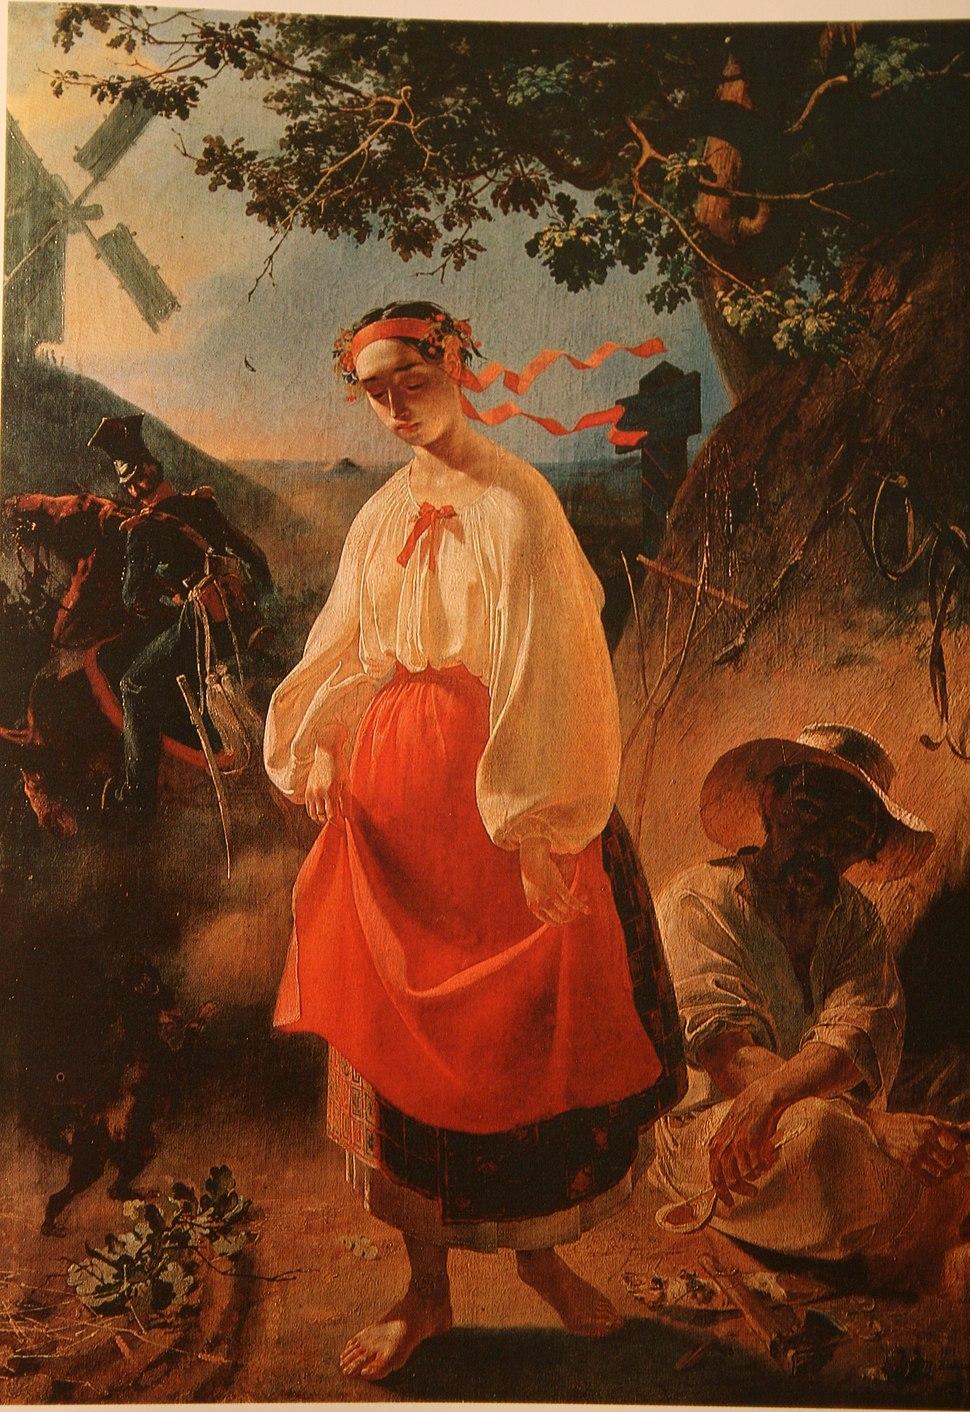 Image-Shevchenko Kateryna Olia 1842 large